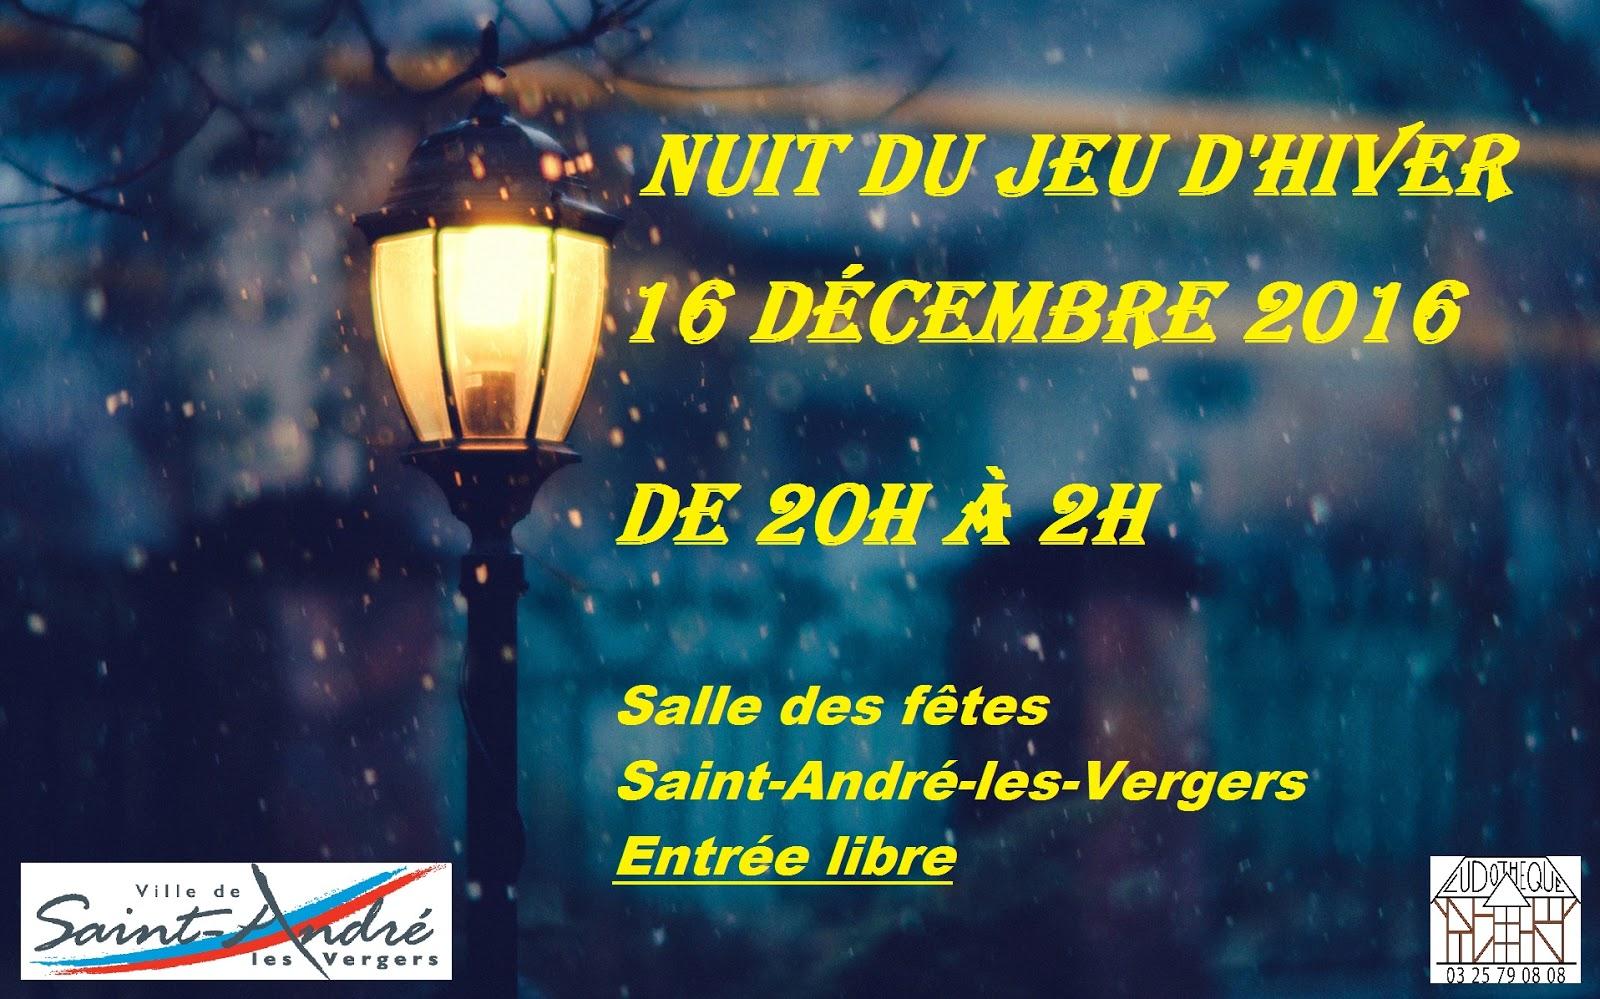 affiche-nuit-du-jeu-hiver-2016